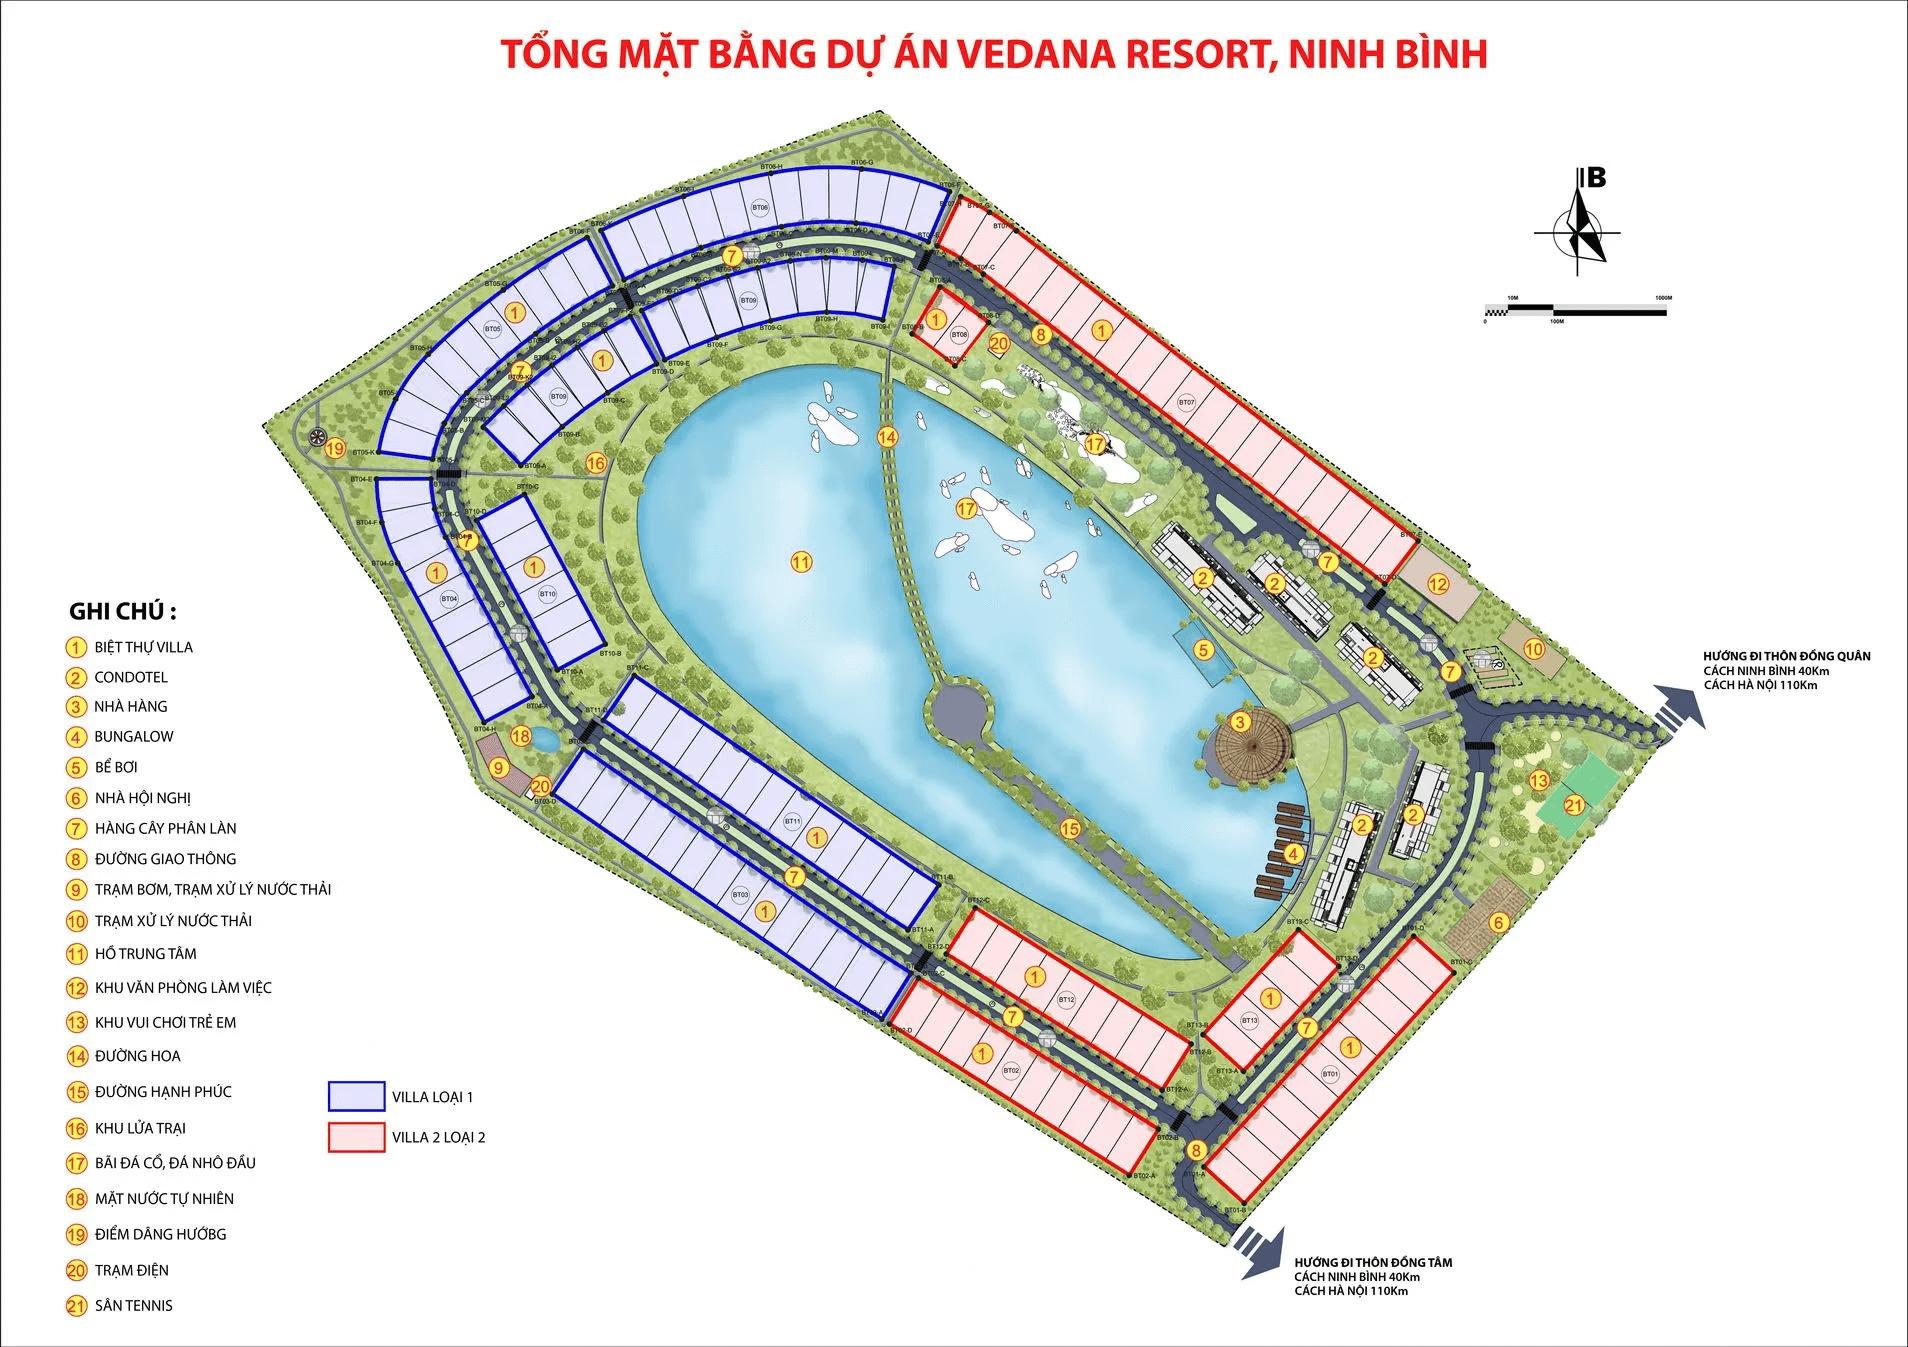 mặt bằng dự án vedana resort